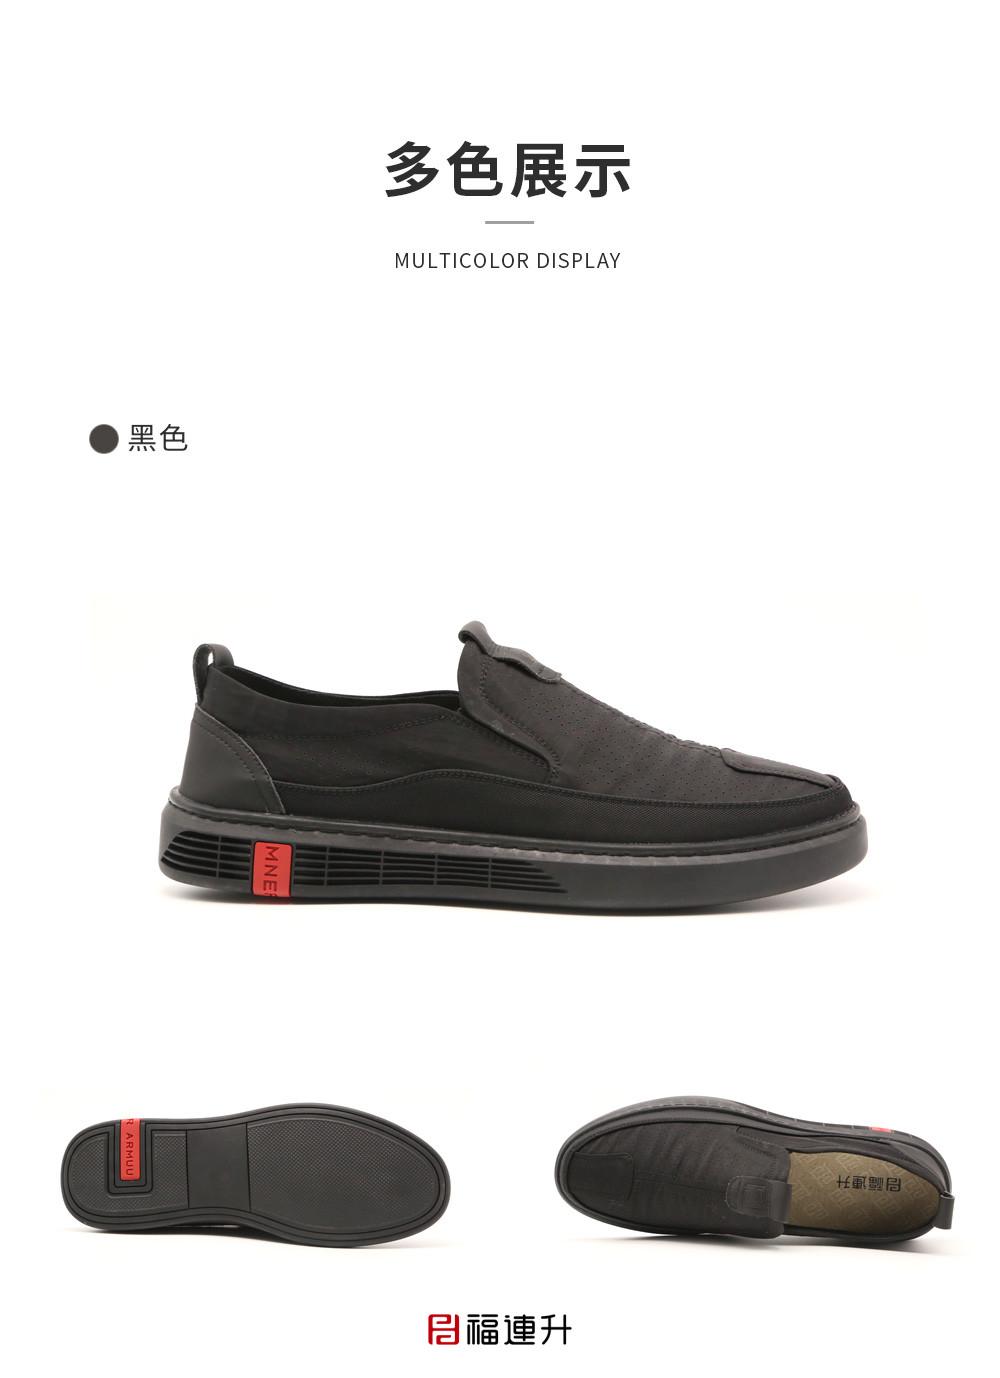 福连升商务休闲男鞋 低帮一脚蹬软底软面透气舒适休闲鞋图片